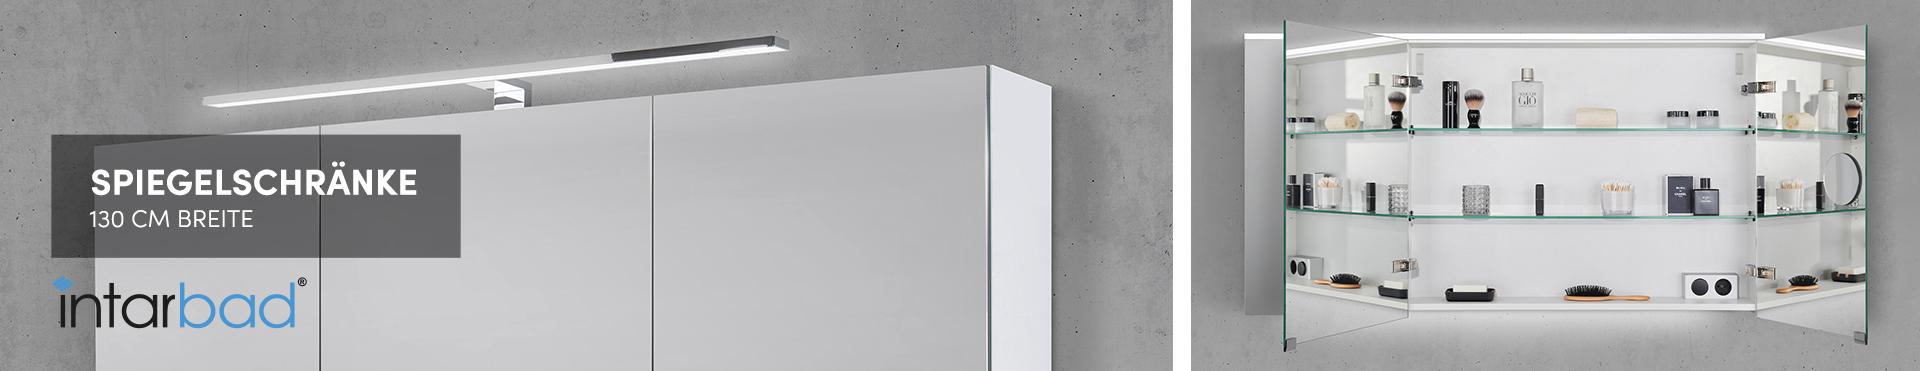 130 cm Spiegelschränke